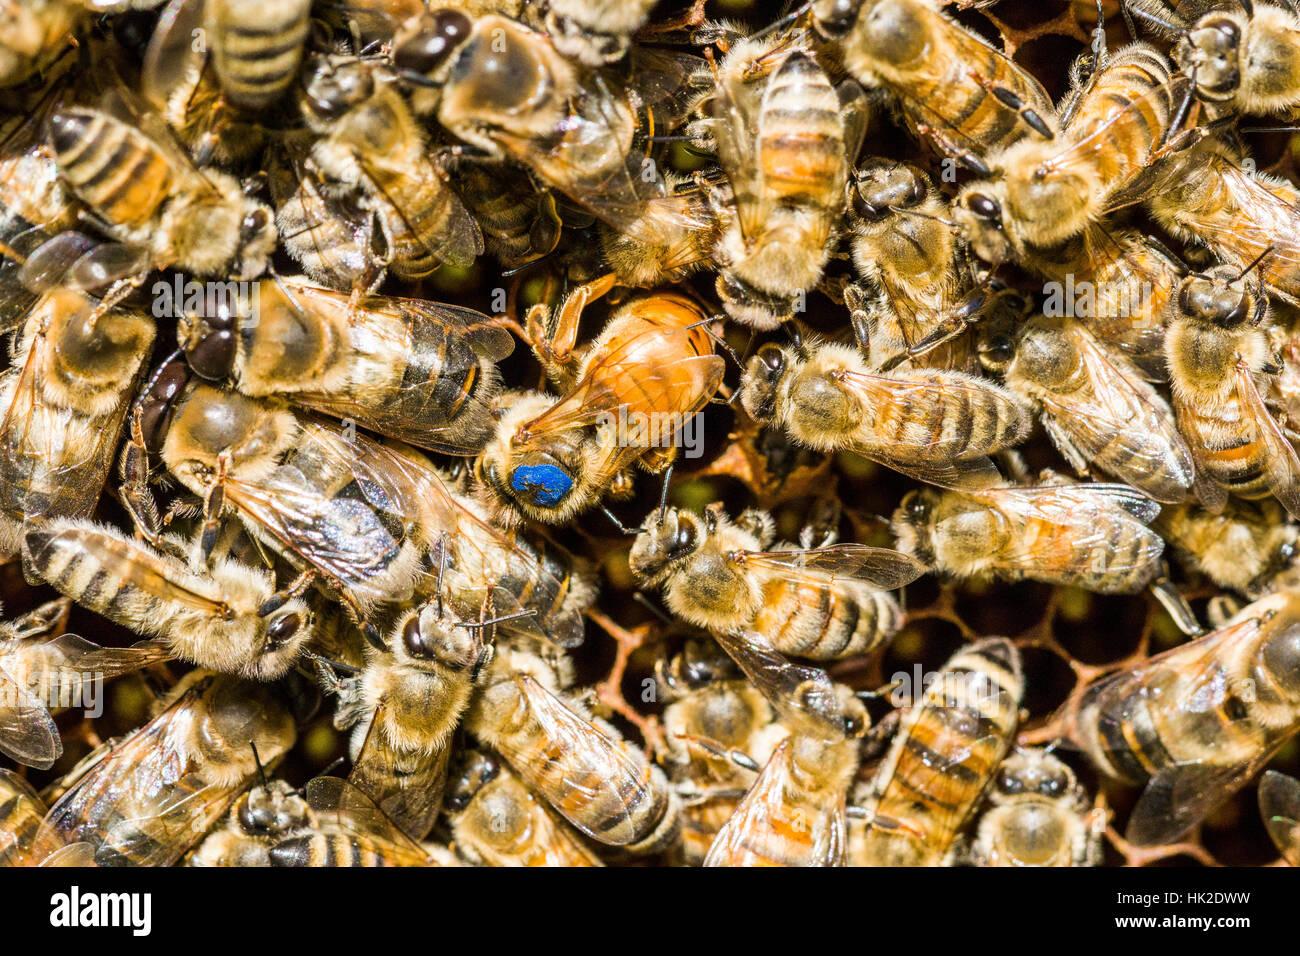 Die blau markierten Königin der Kolonie ein Krainer Biene (Apis mellifera carnica) ist das Einfügen eines Stockbild